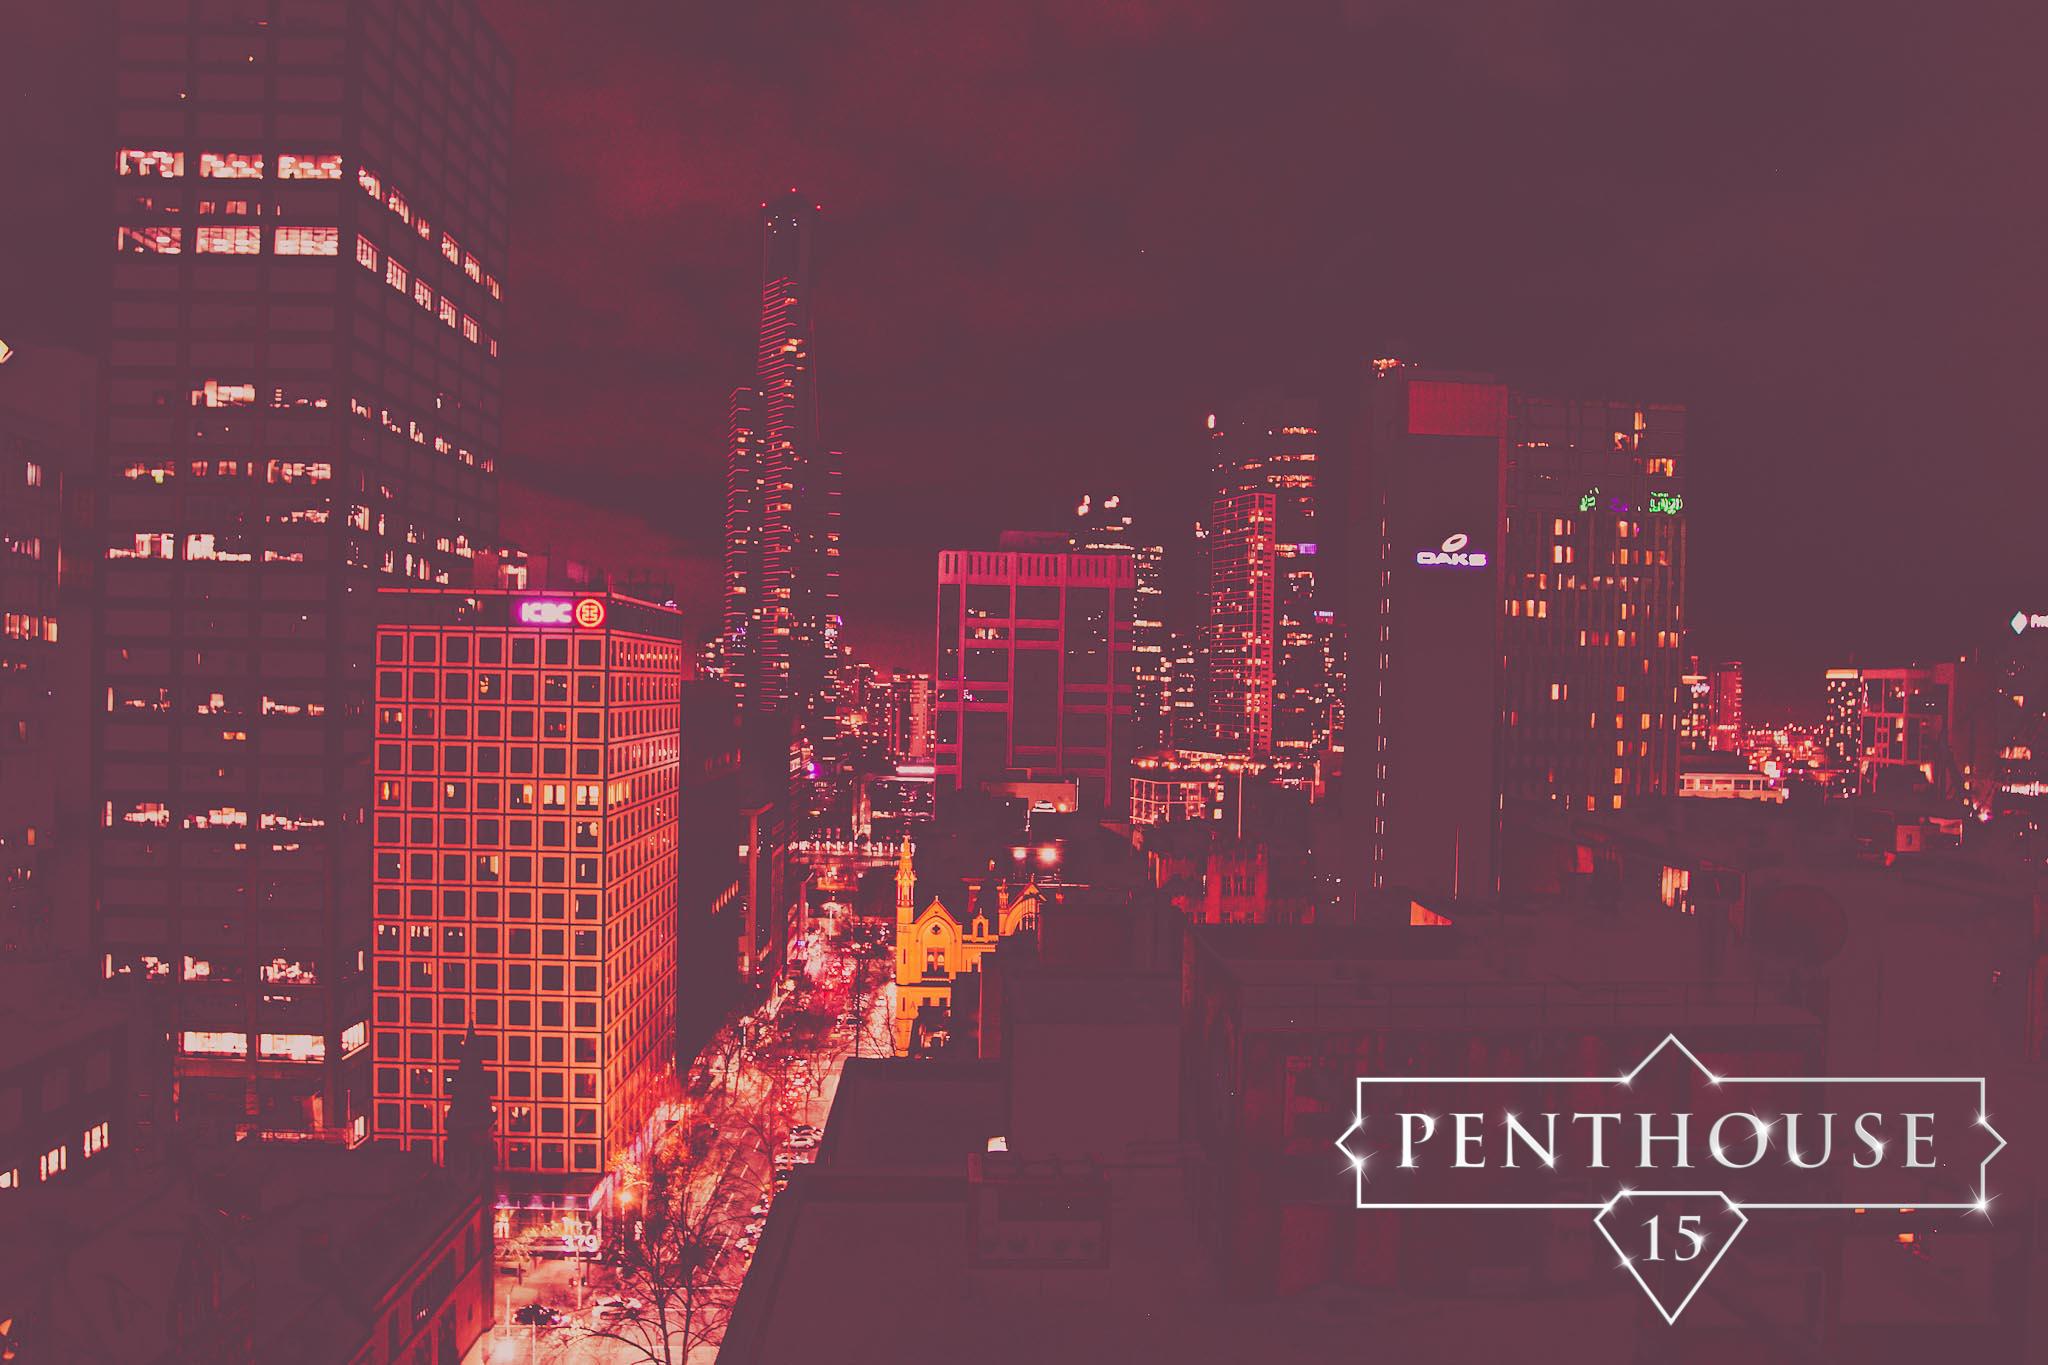 Penthouse_cream_0060.jpg